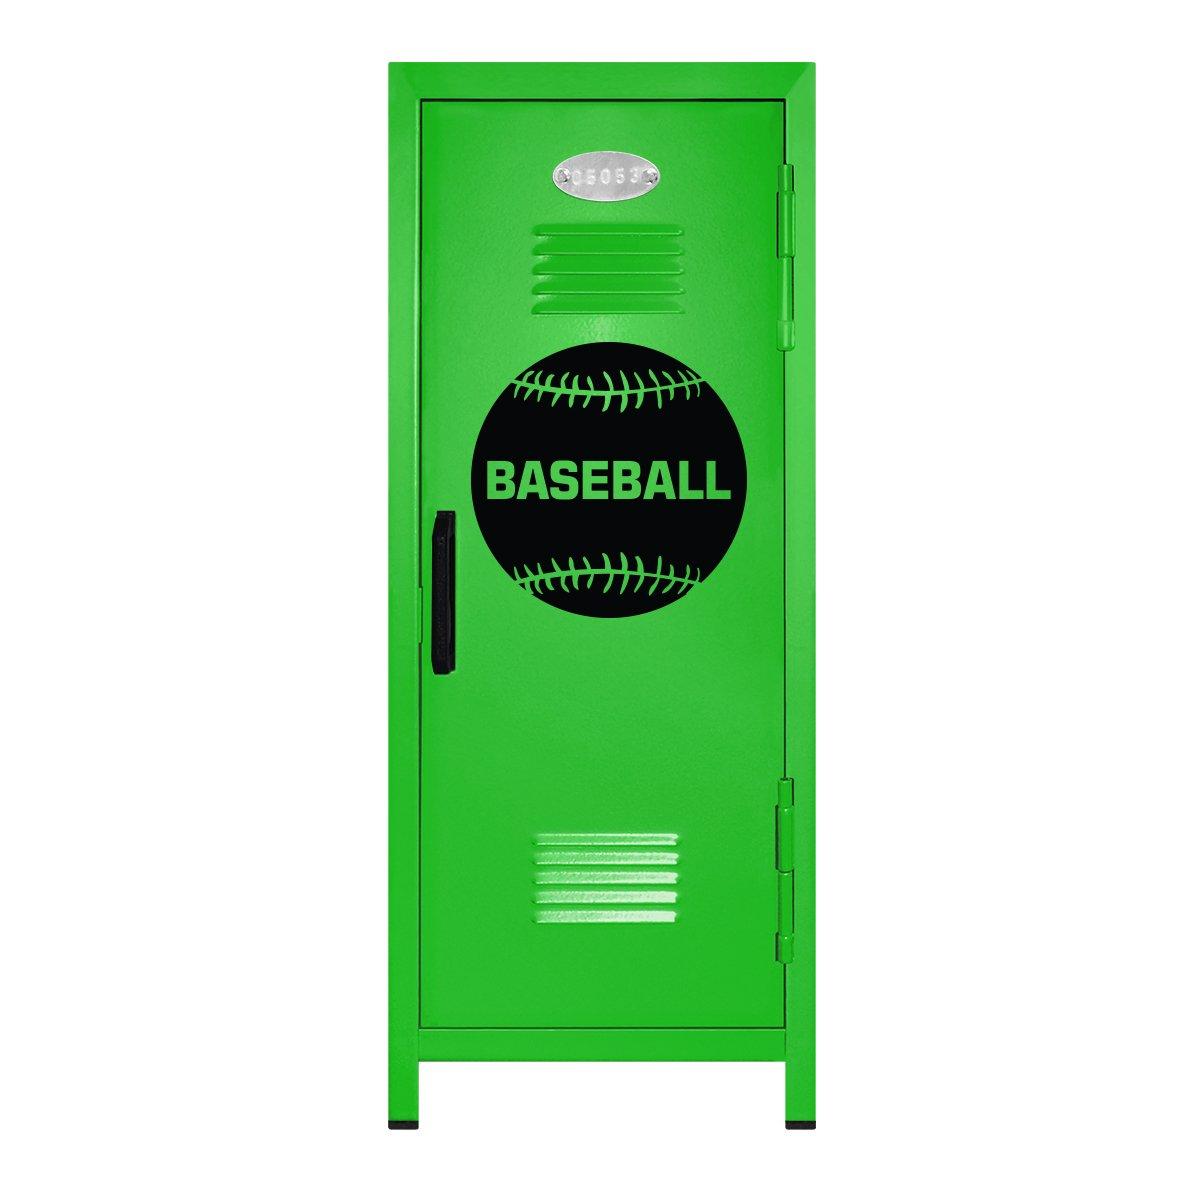 Baseball Player Miniロッカーギフト  ライム/ブラック B01NBK85NG